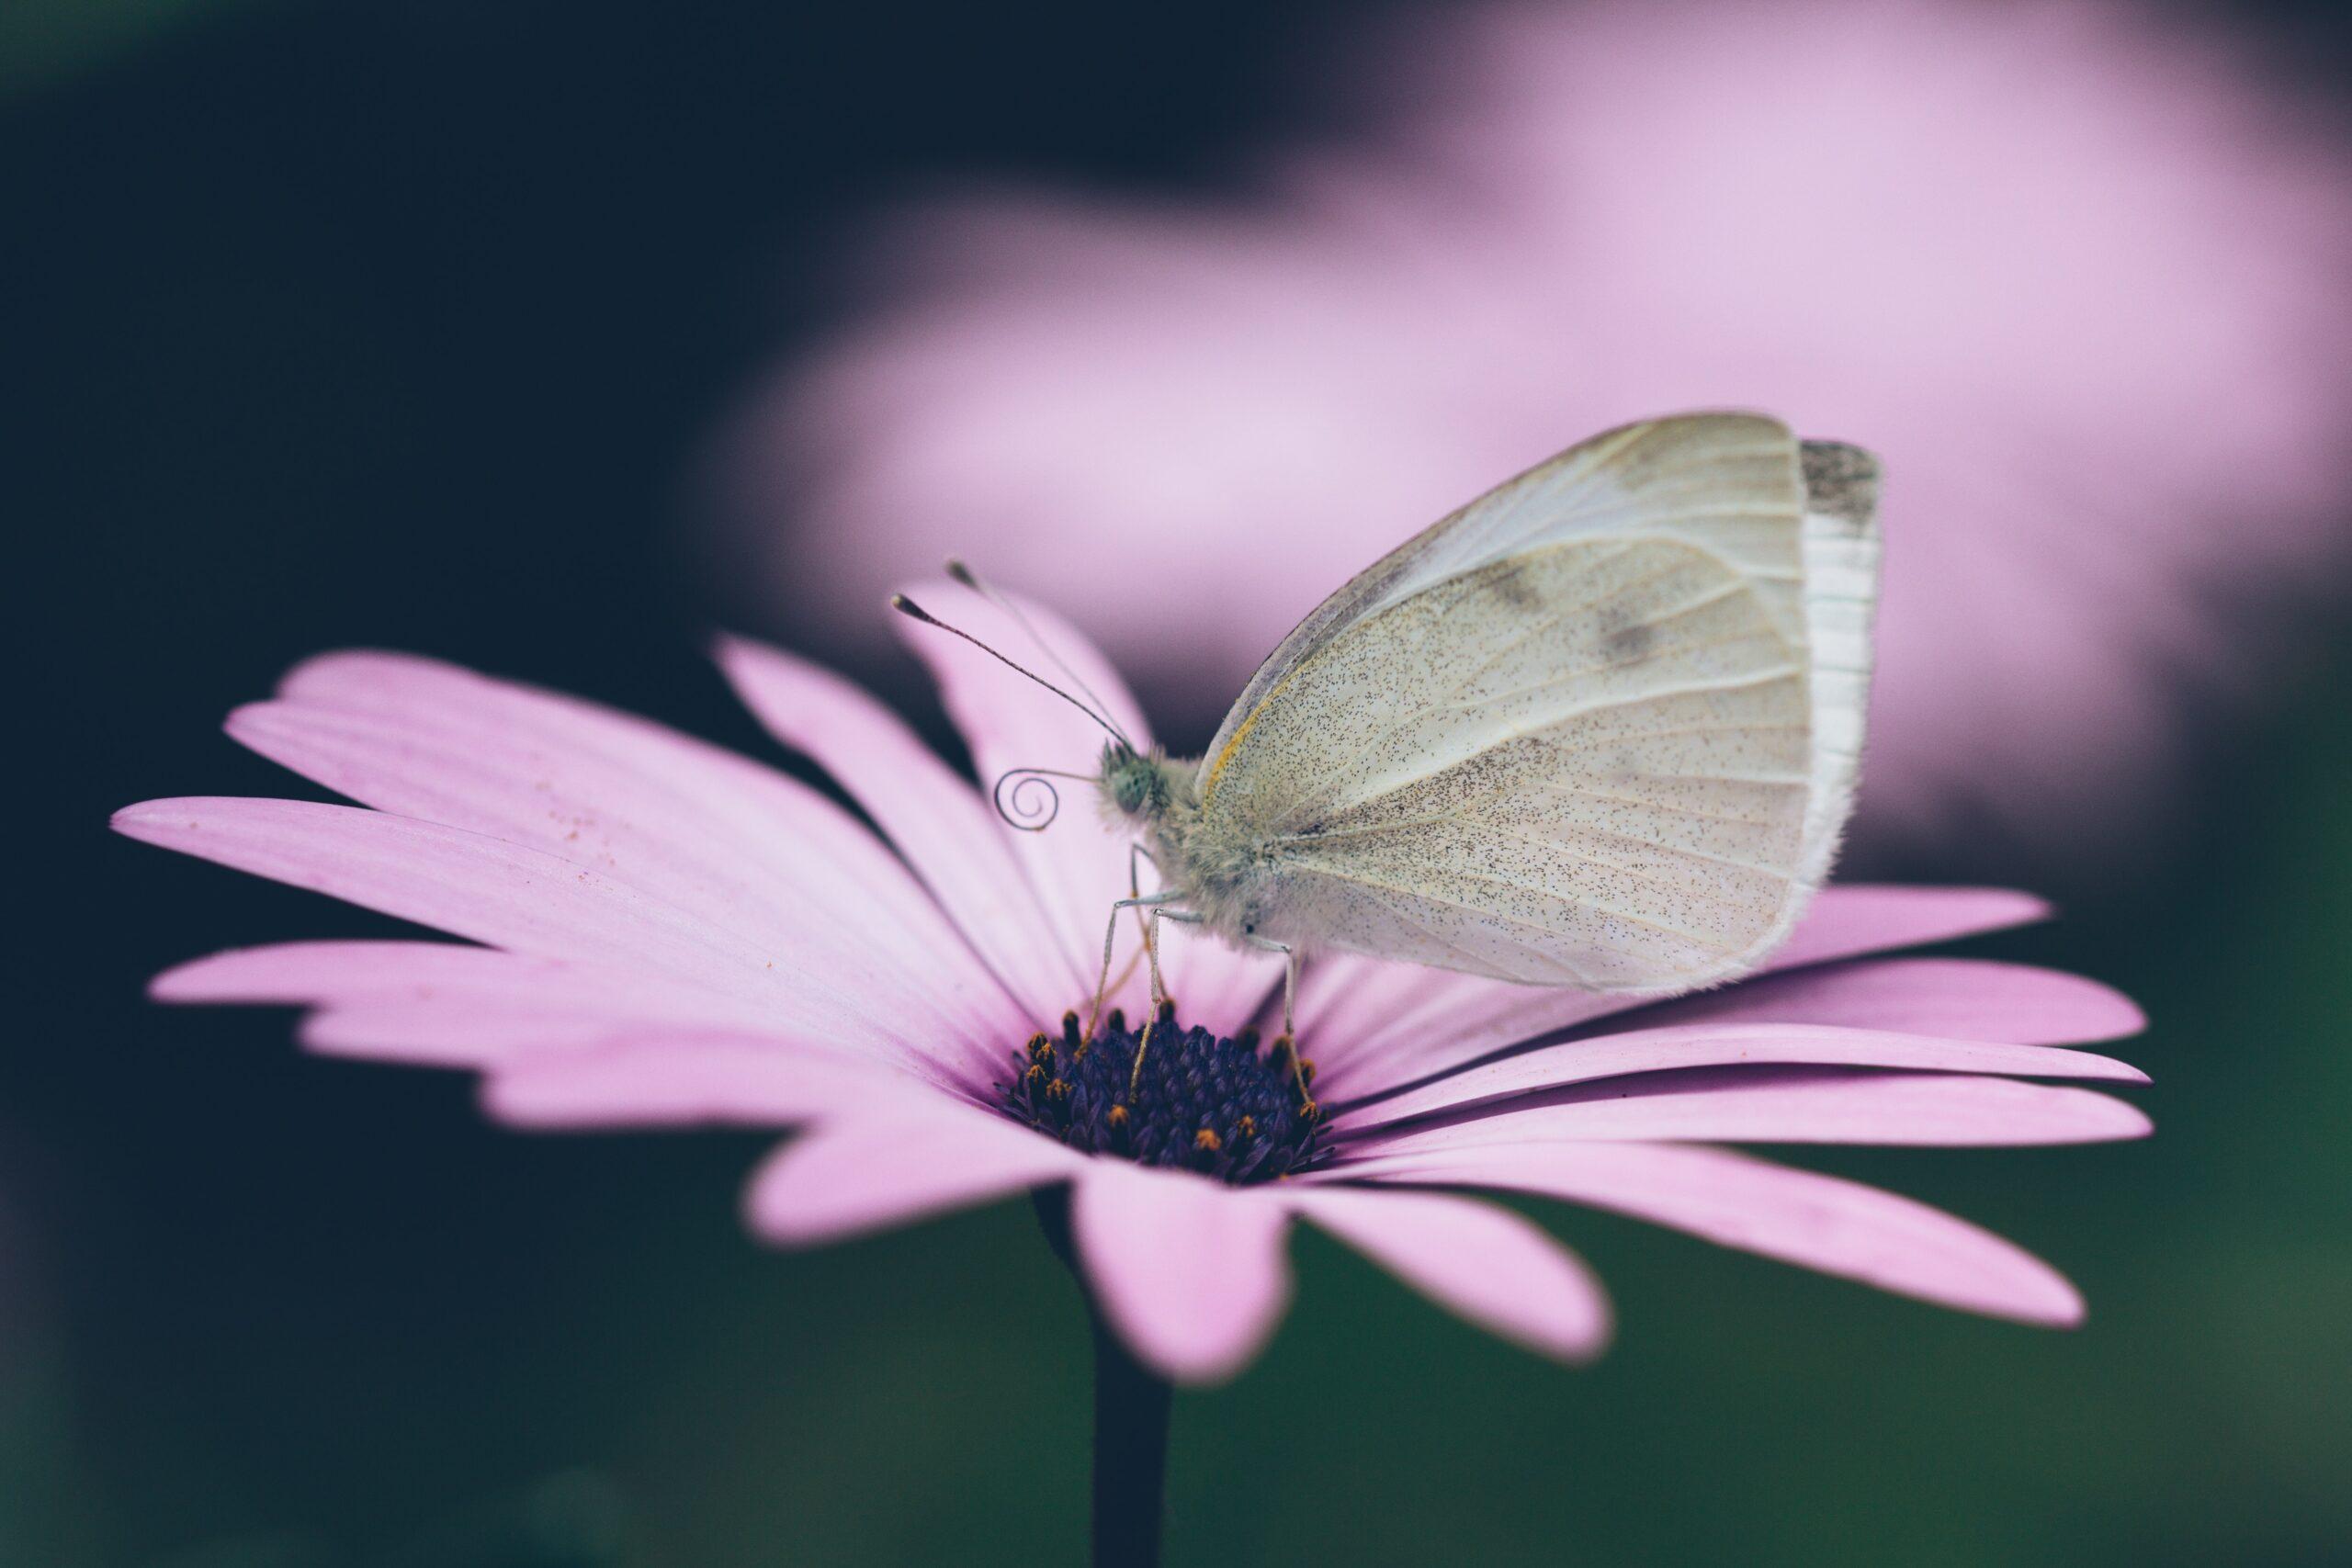 Papillon sur fleur rose-illustration accompagnement S'habiller Vrai-Anne Rose Lovink